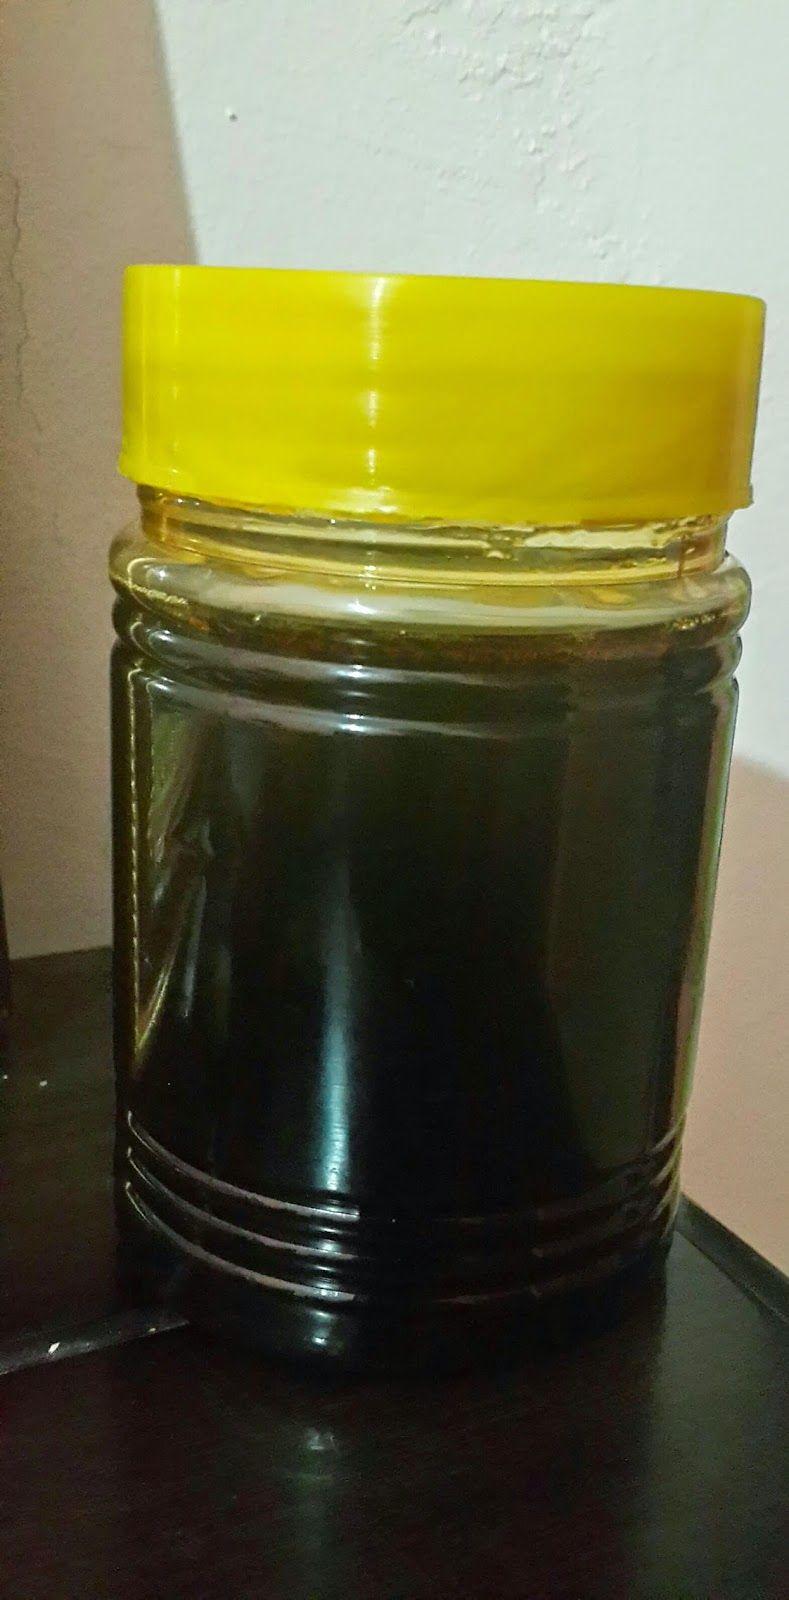 نصائح علاجية فوائد عسل الدغموس Glassware Shot Glass Tableware